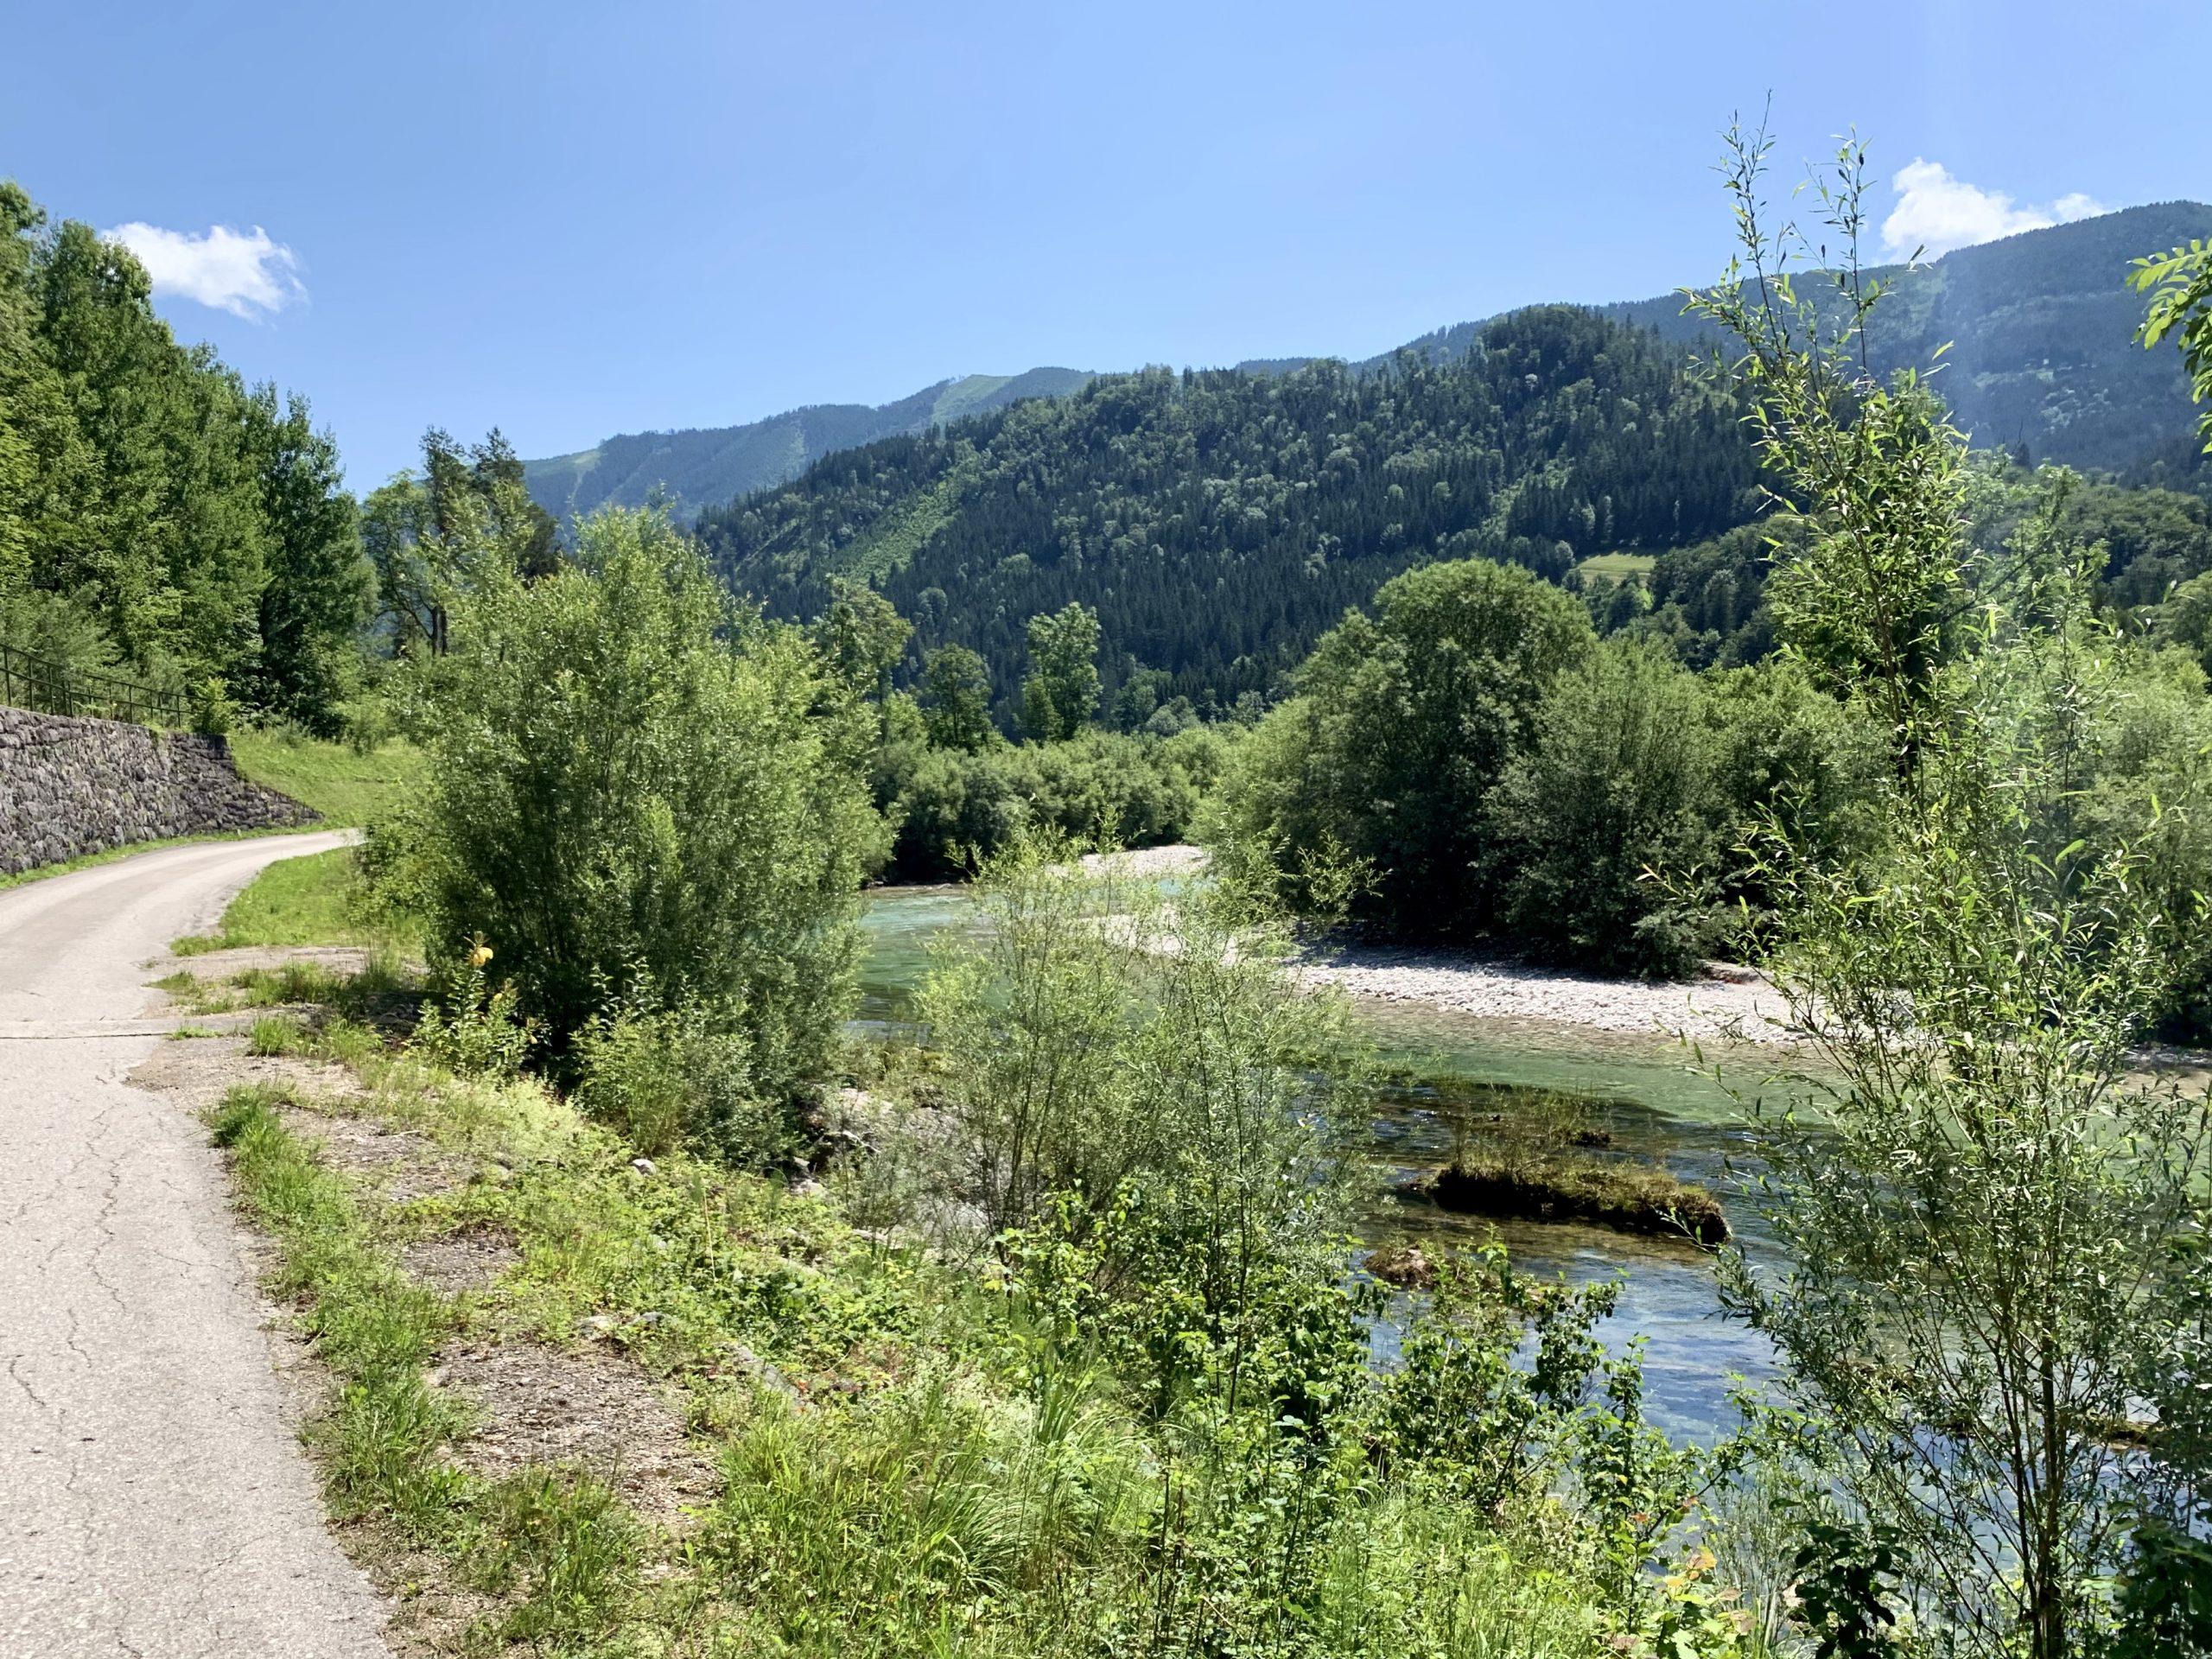 ybbstalbahnradweg neben der Ybbs